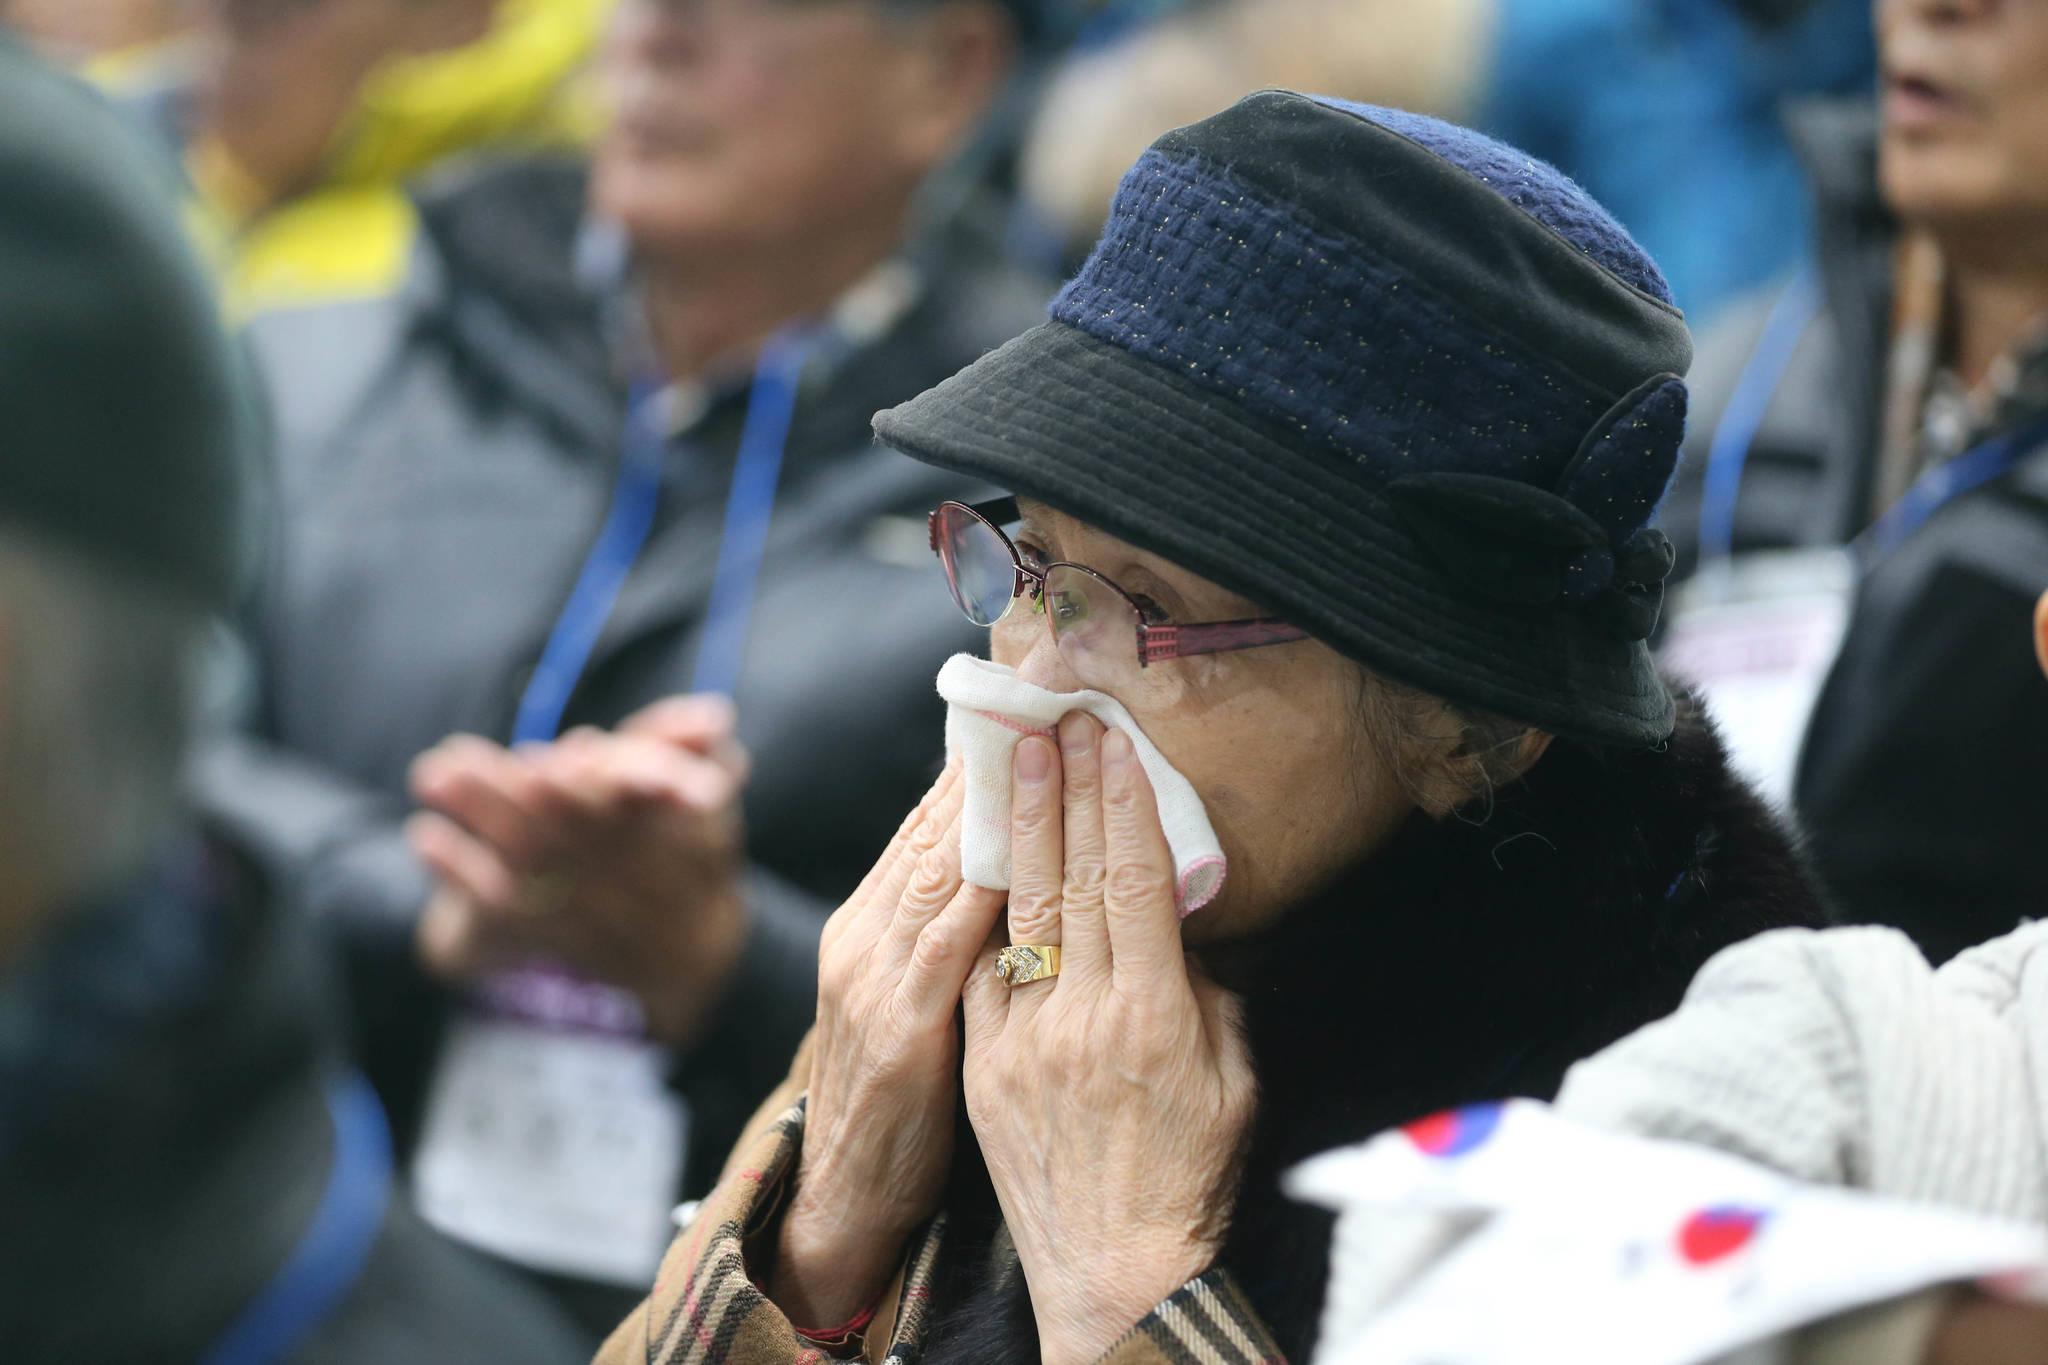 개막식 식전행사에 참석한 신명옥(76)씨가 노래공연을 들으며 눈물 짓고 있다. 신인섭 기자